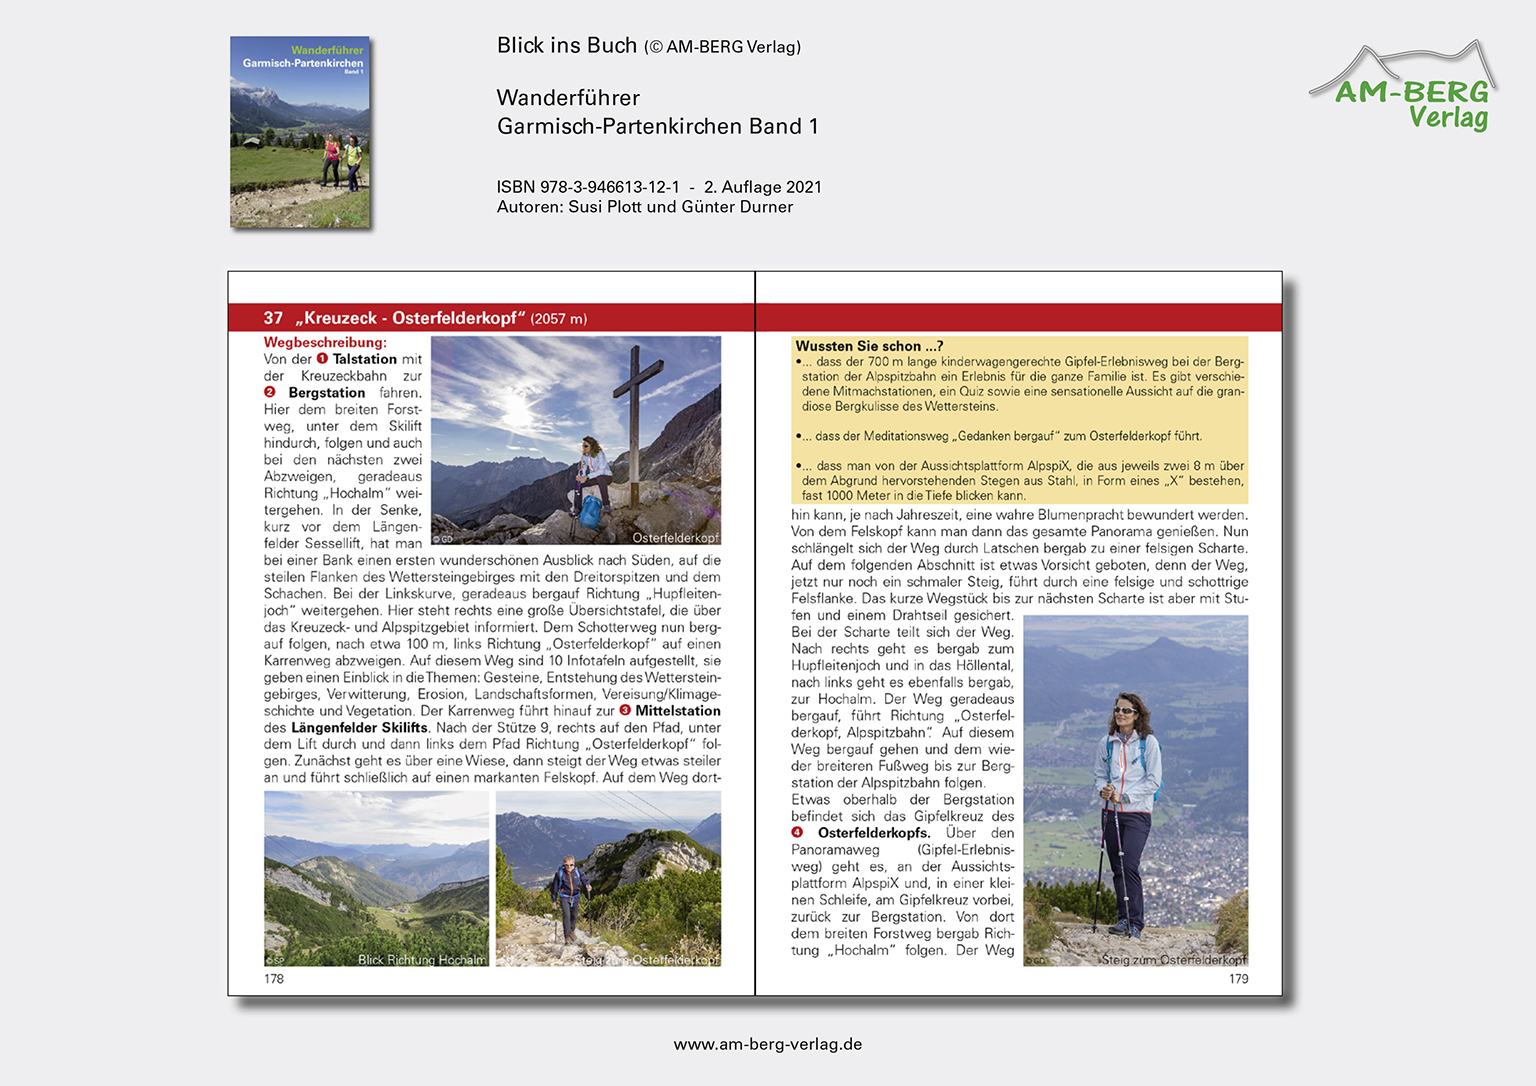 Wanderführer Garmisch-Partenkirchen Band 1_Blick ins Buch08